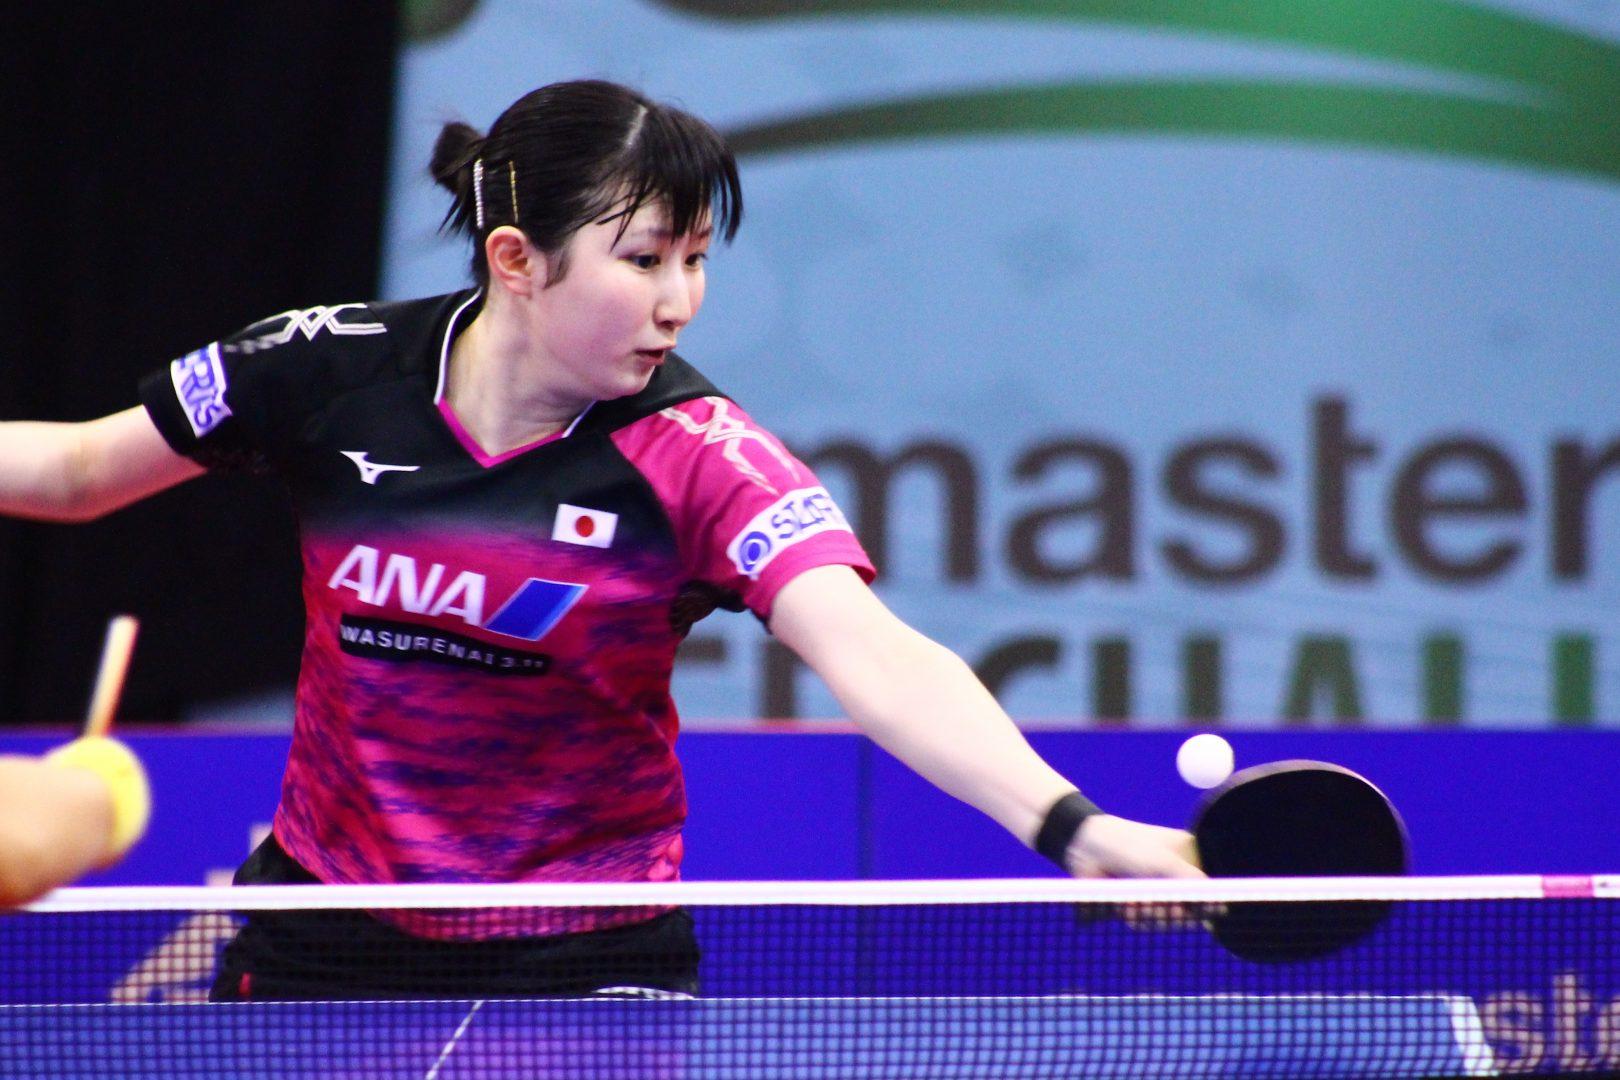 【卓球】ポルトガルOP優勝の早田が5ランクアップ|女子世界ランキング(3月最新発表)